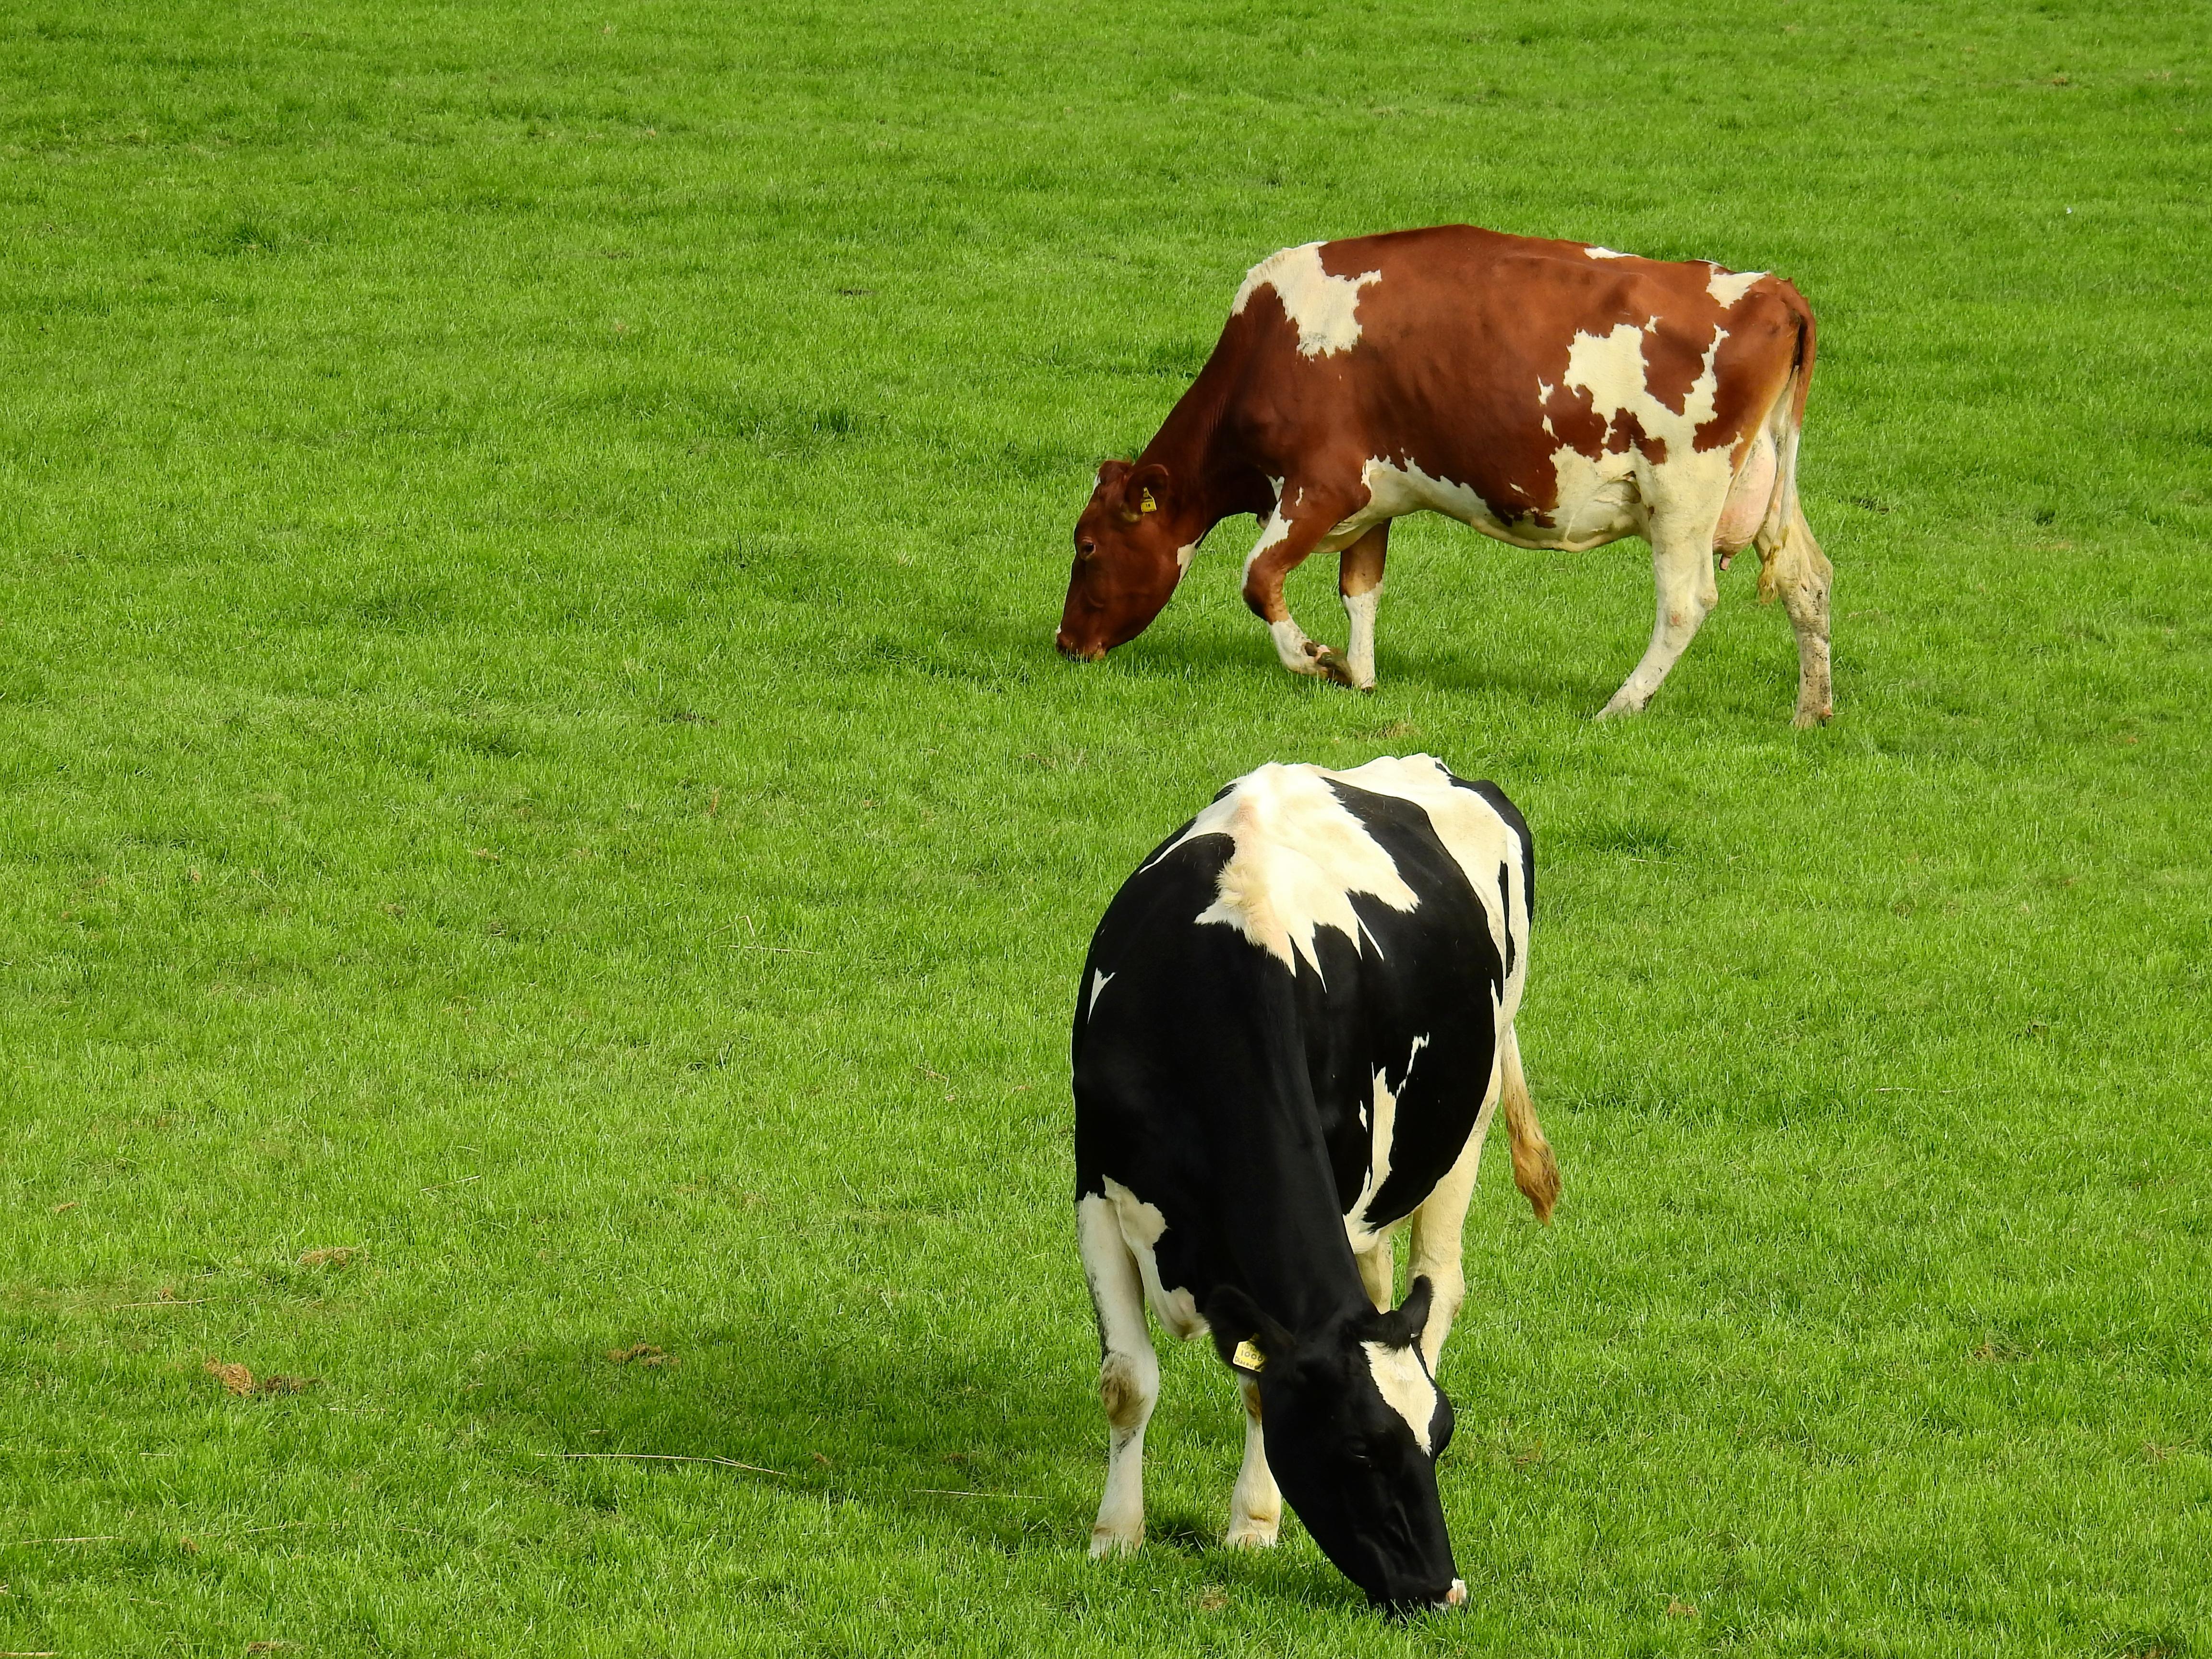 красивые картинки коровы на пастбище если вас